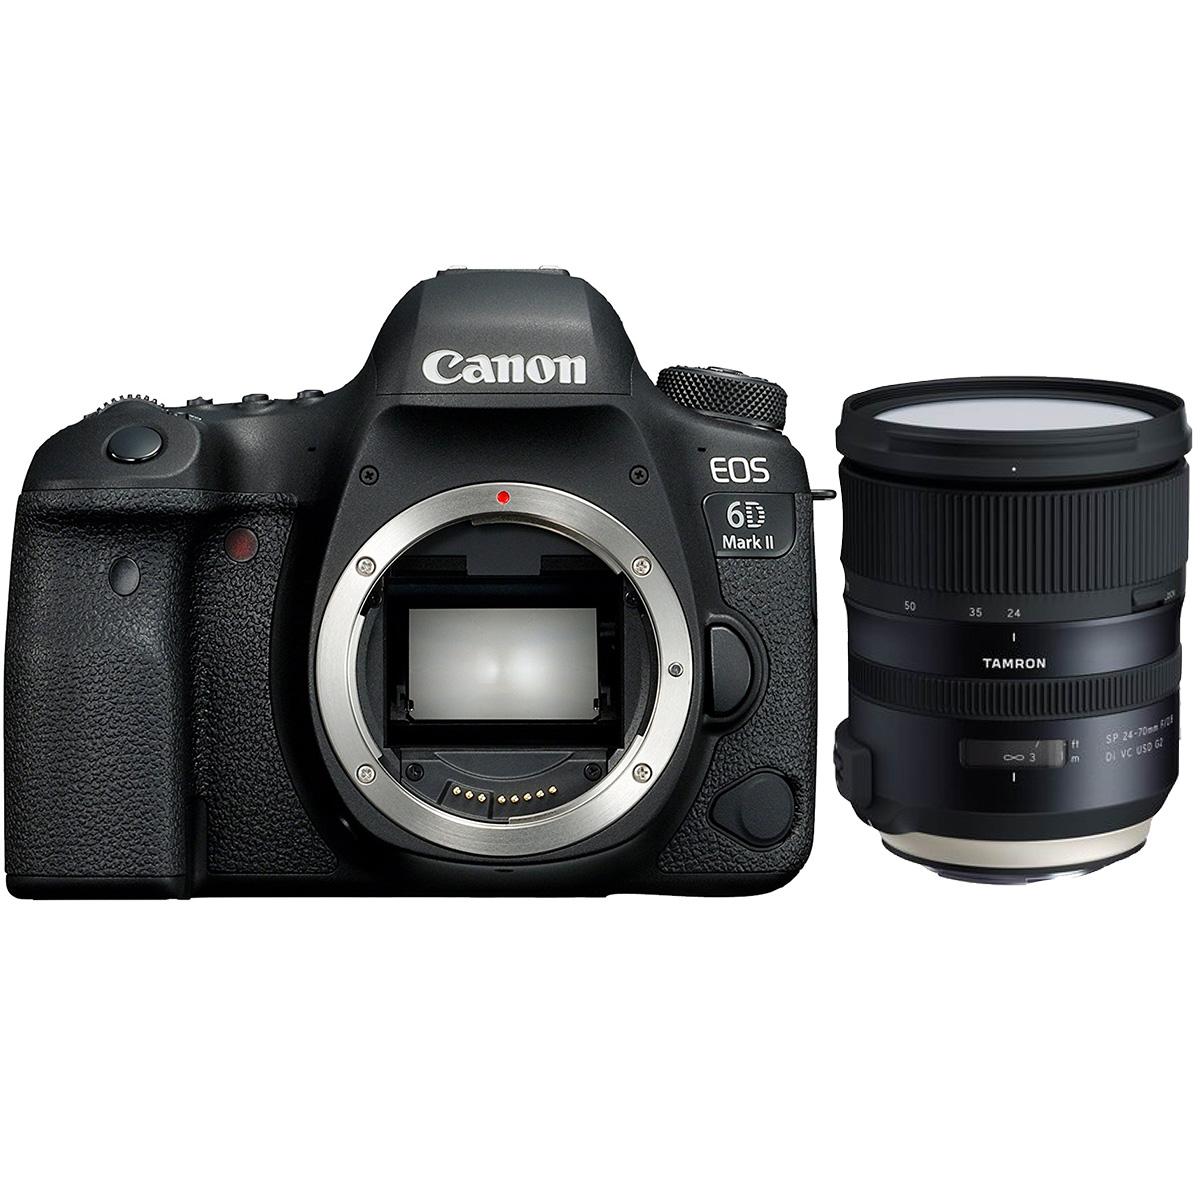 Canon EOS 6D Mark II + Tamron SP 24-70mm 1:2,8 Di VC USD G2